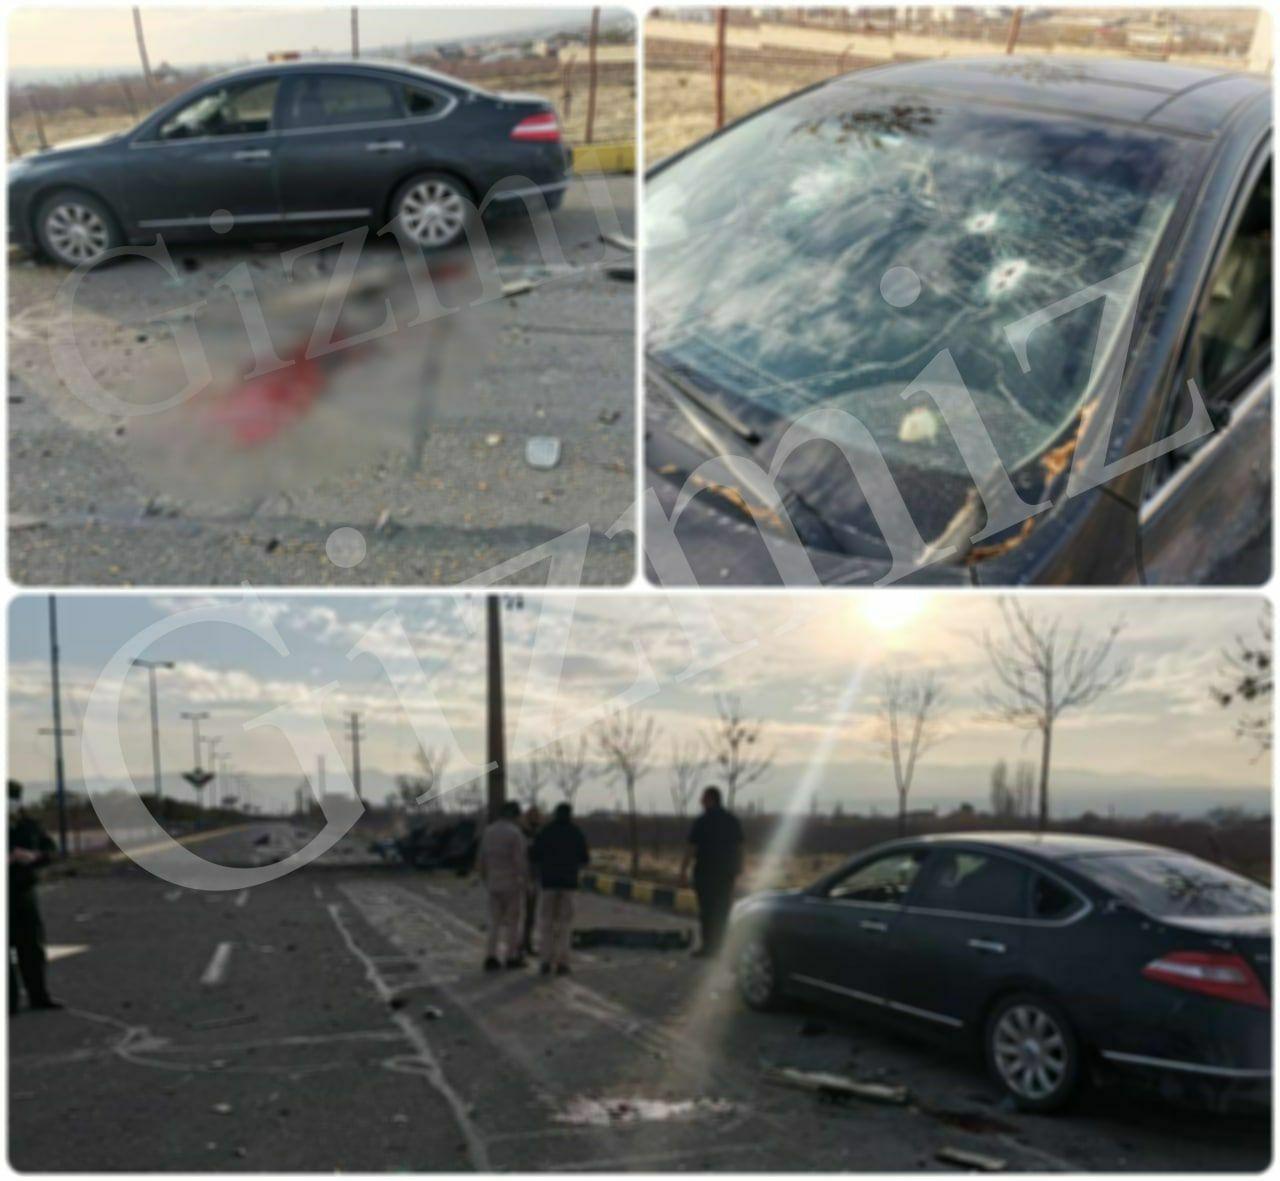 מכוניתו של פחריזאדה לאחר ההתנקשות